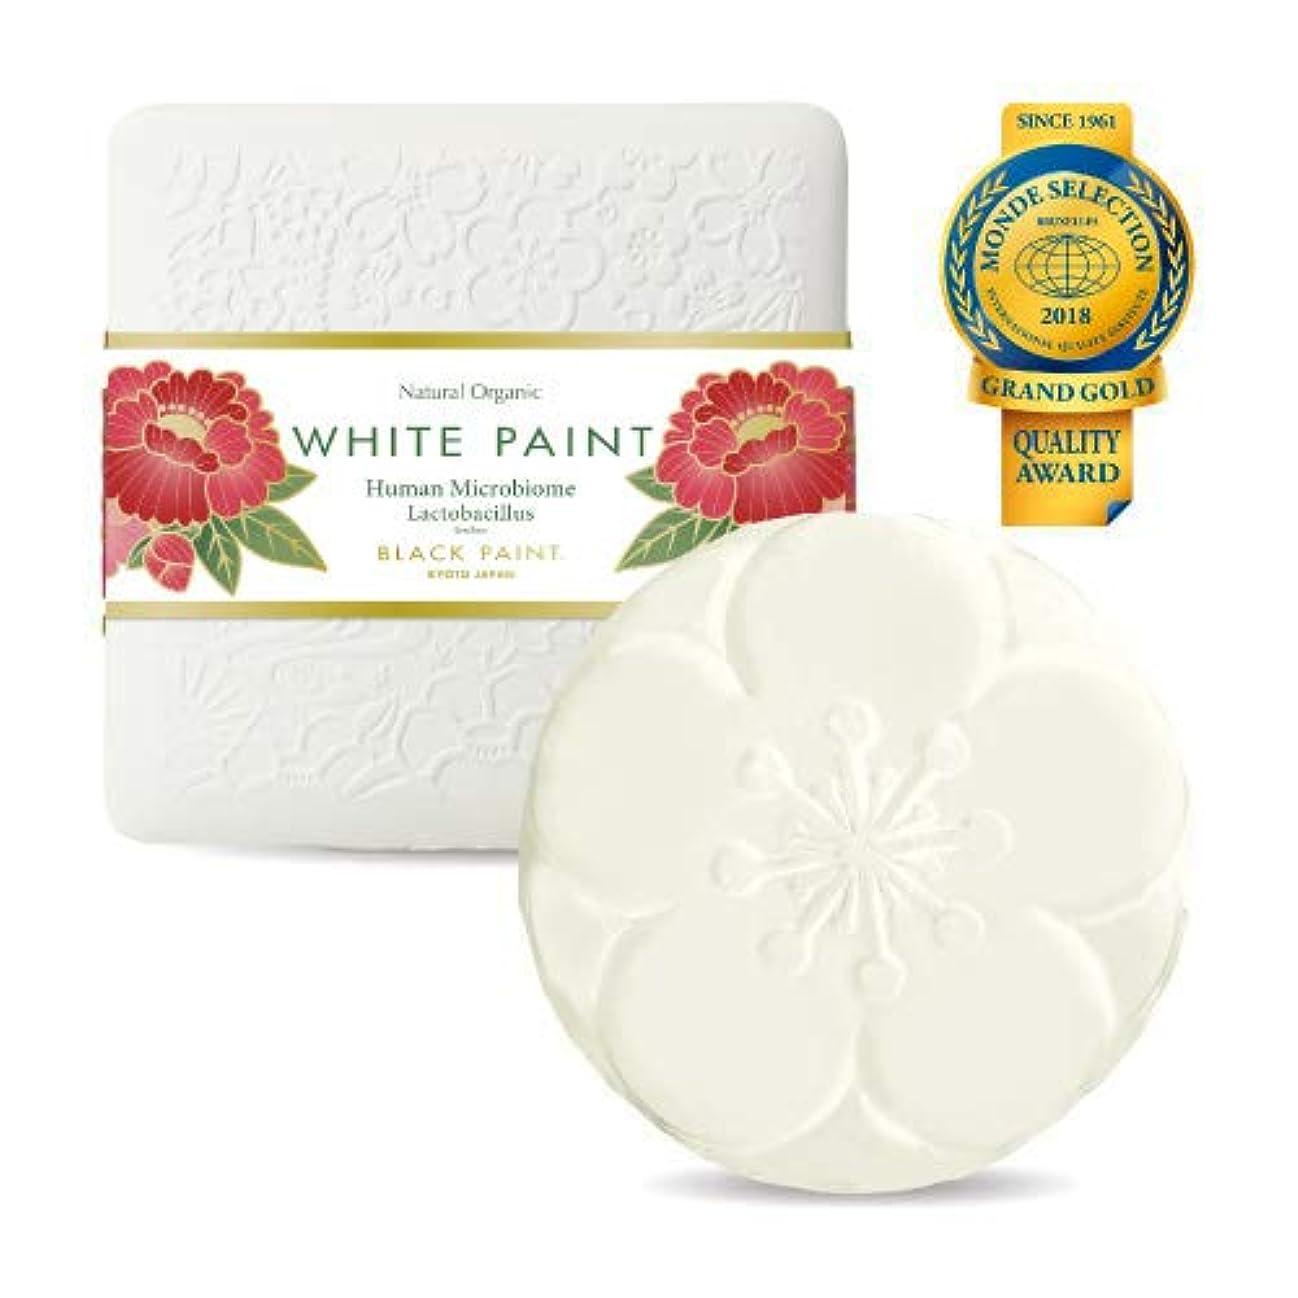 仕出します職人意図乳酸菌入り プレミアム ホワイトペイント 60g ハーフサイズ 塗る洗顔 石鹸 無添加 国産 …